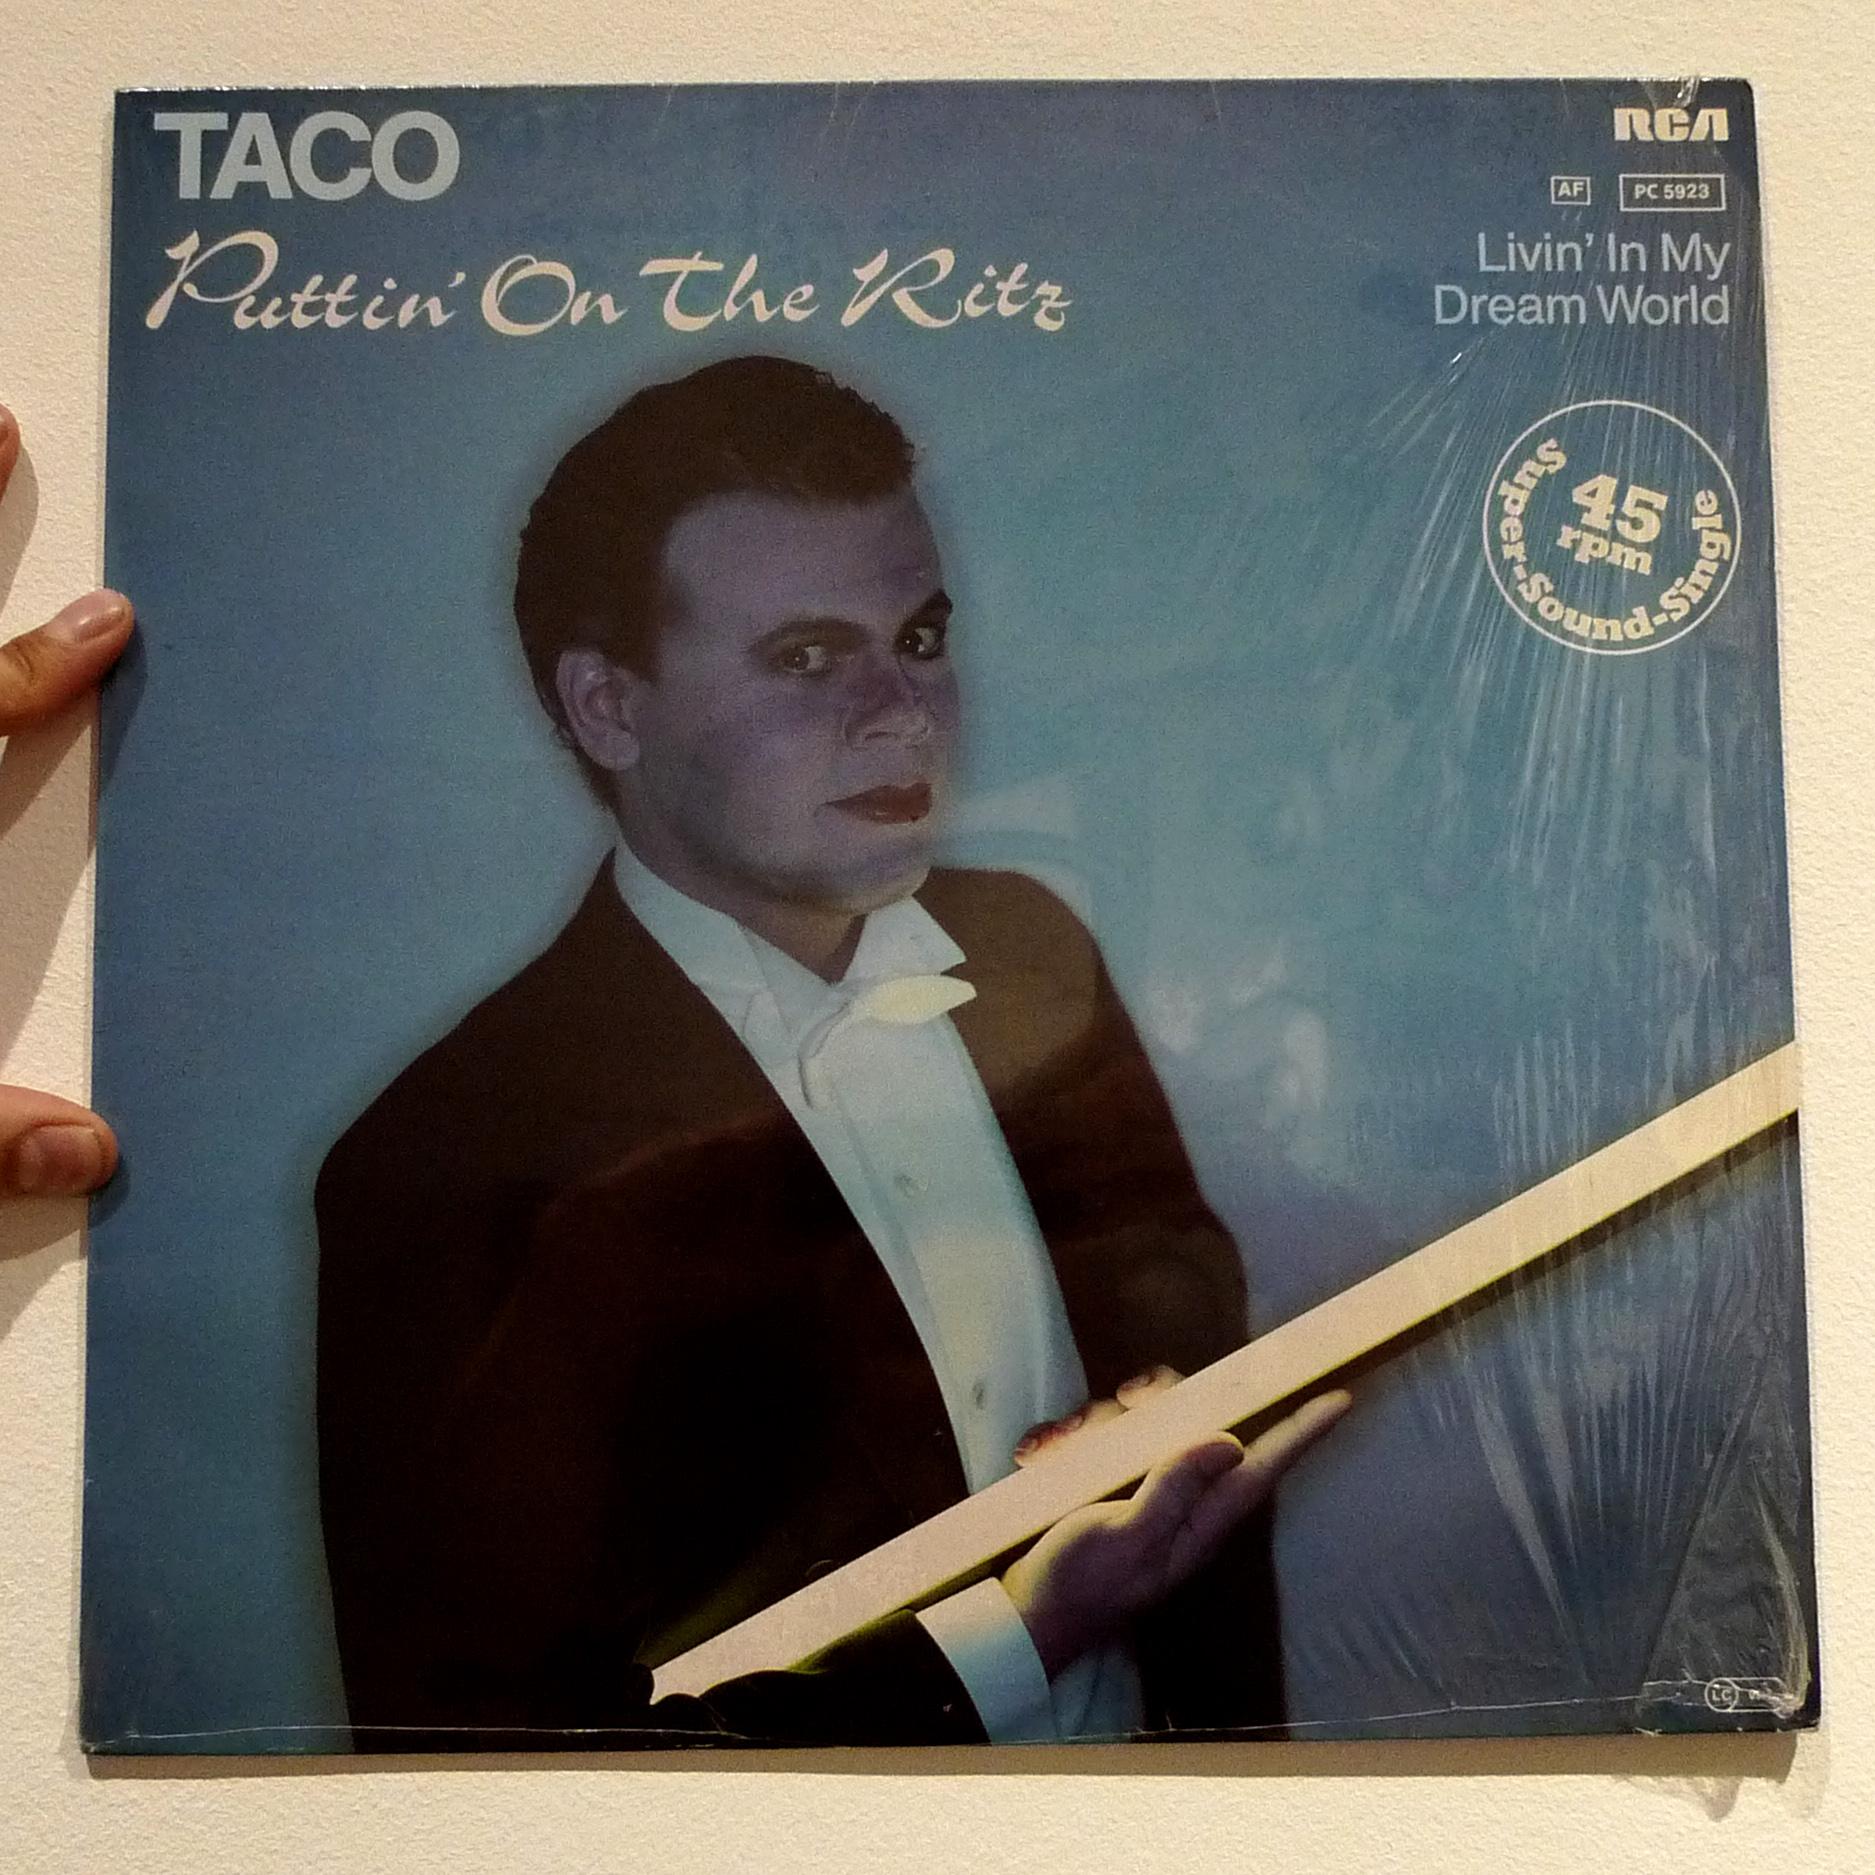 dj50 ep069 sleeve taco